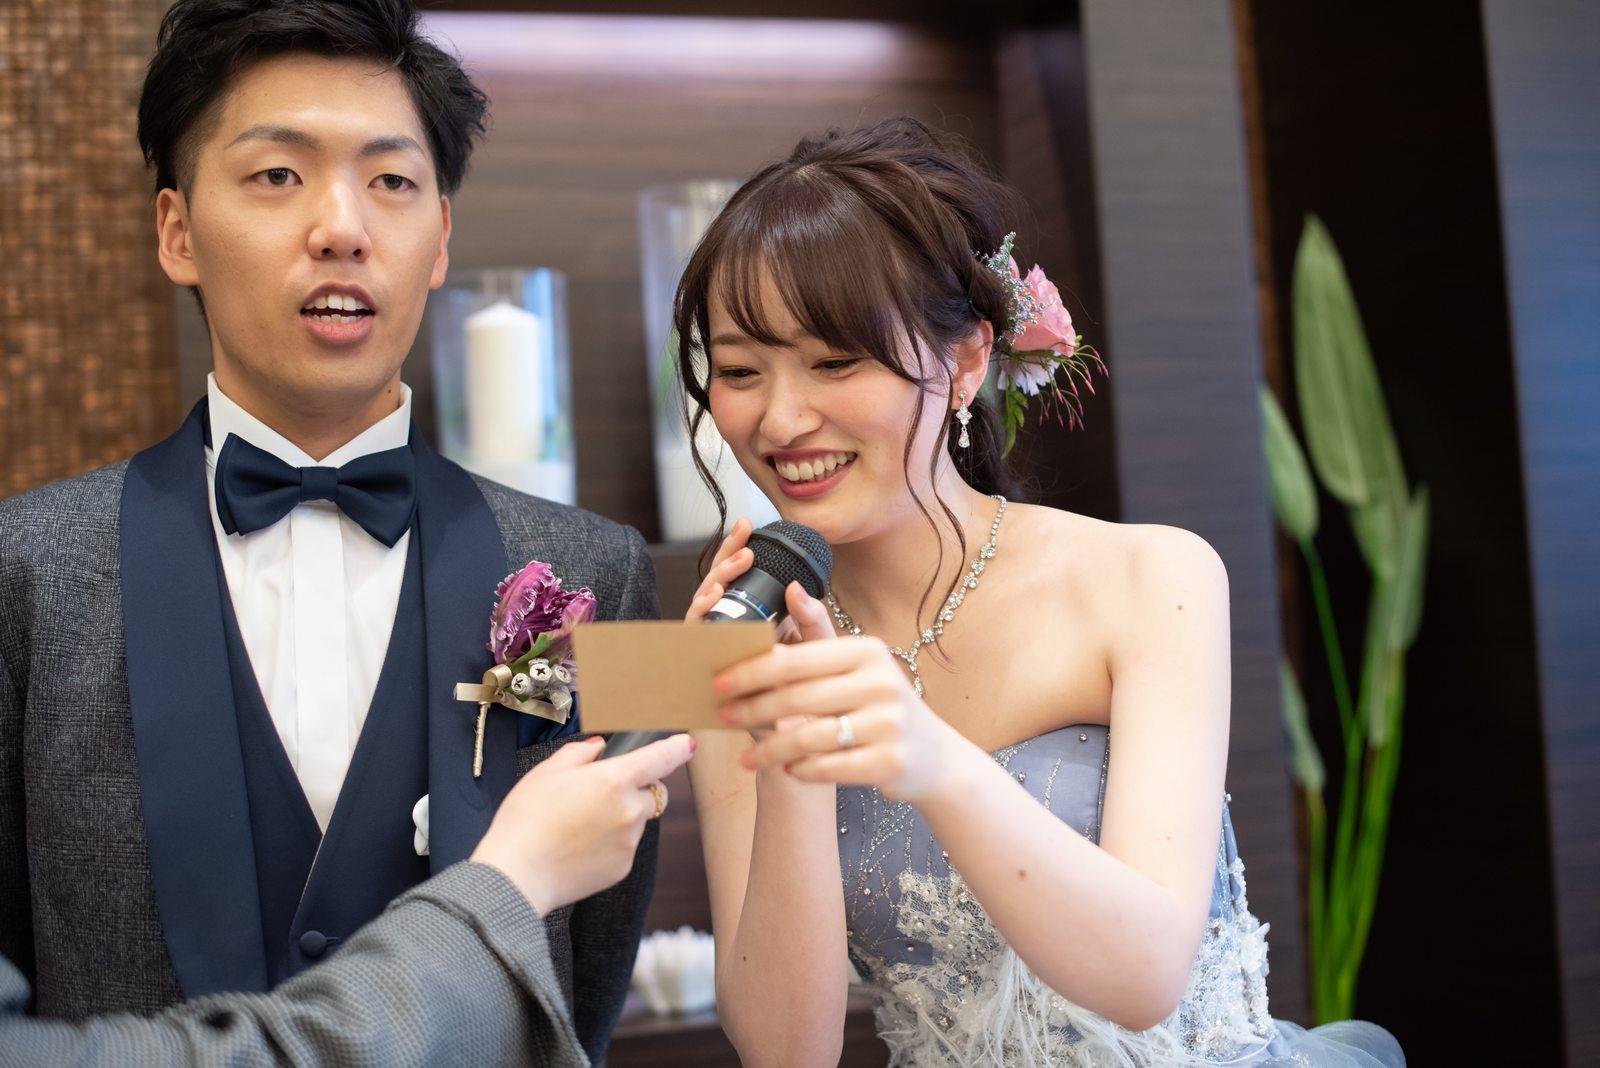 徳島県の結婚式場ブランアンジュの披露宴でカクテルドレス色当てクイズの当選発表をする新婦